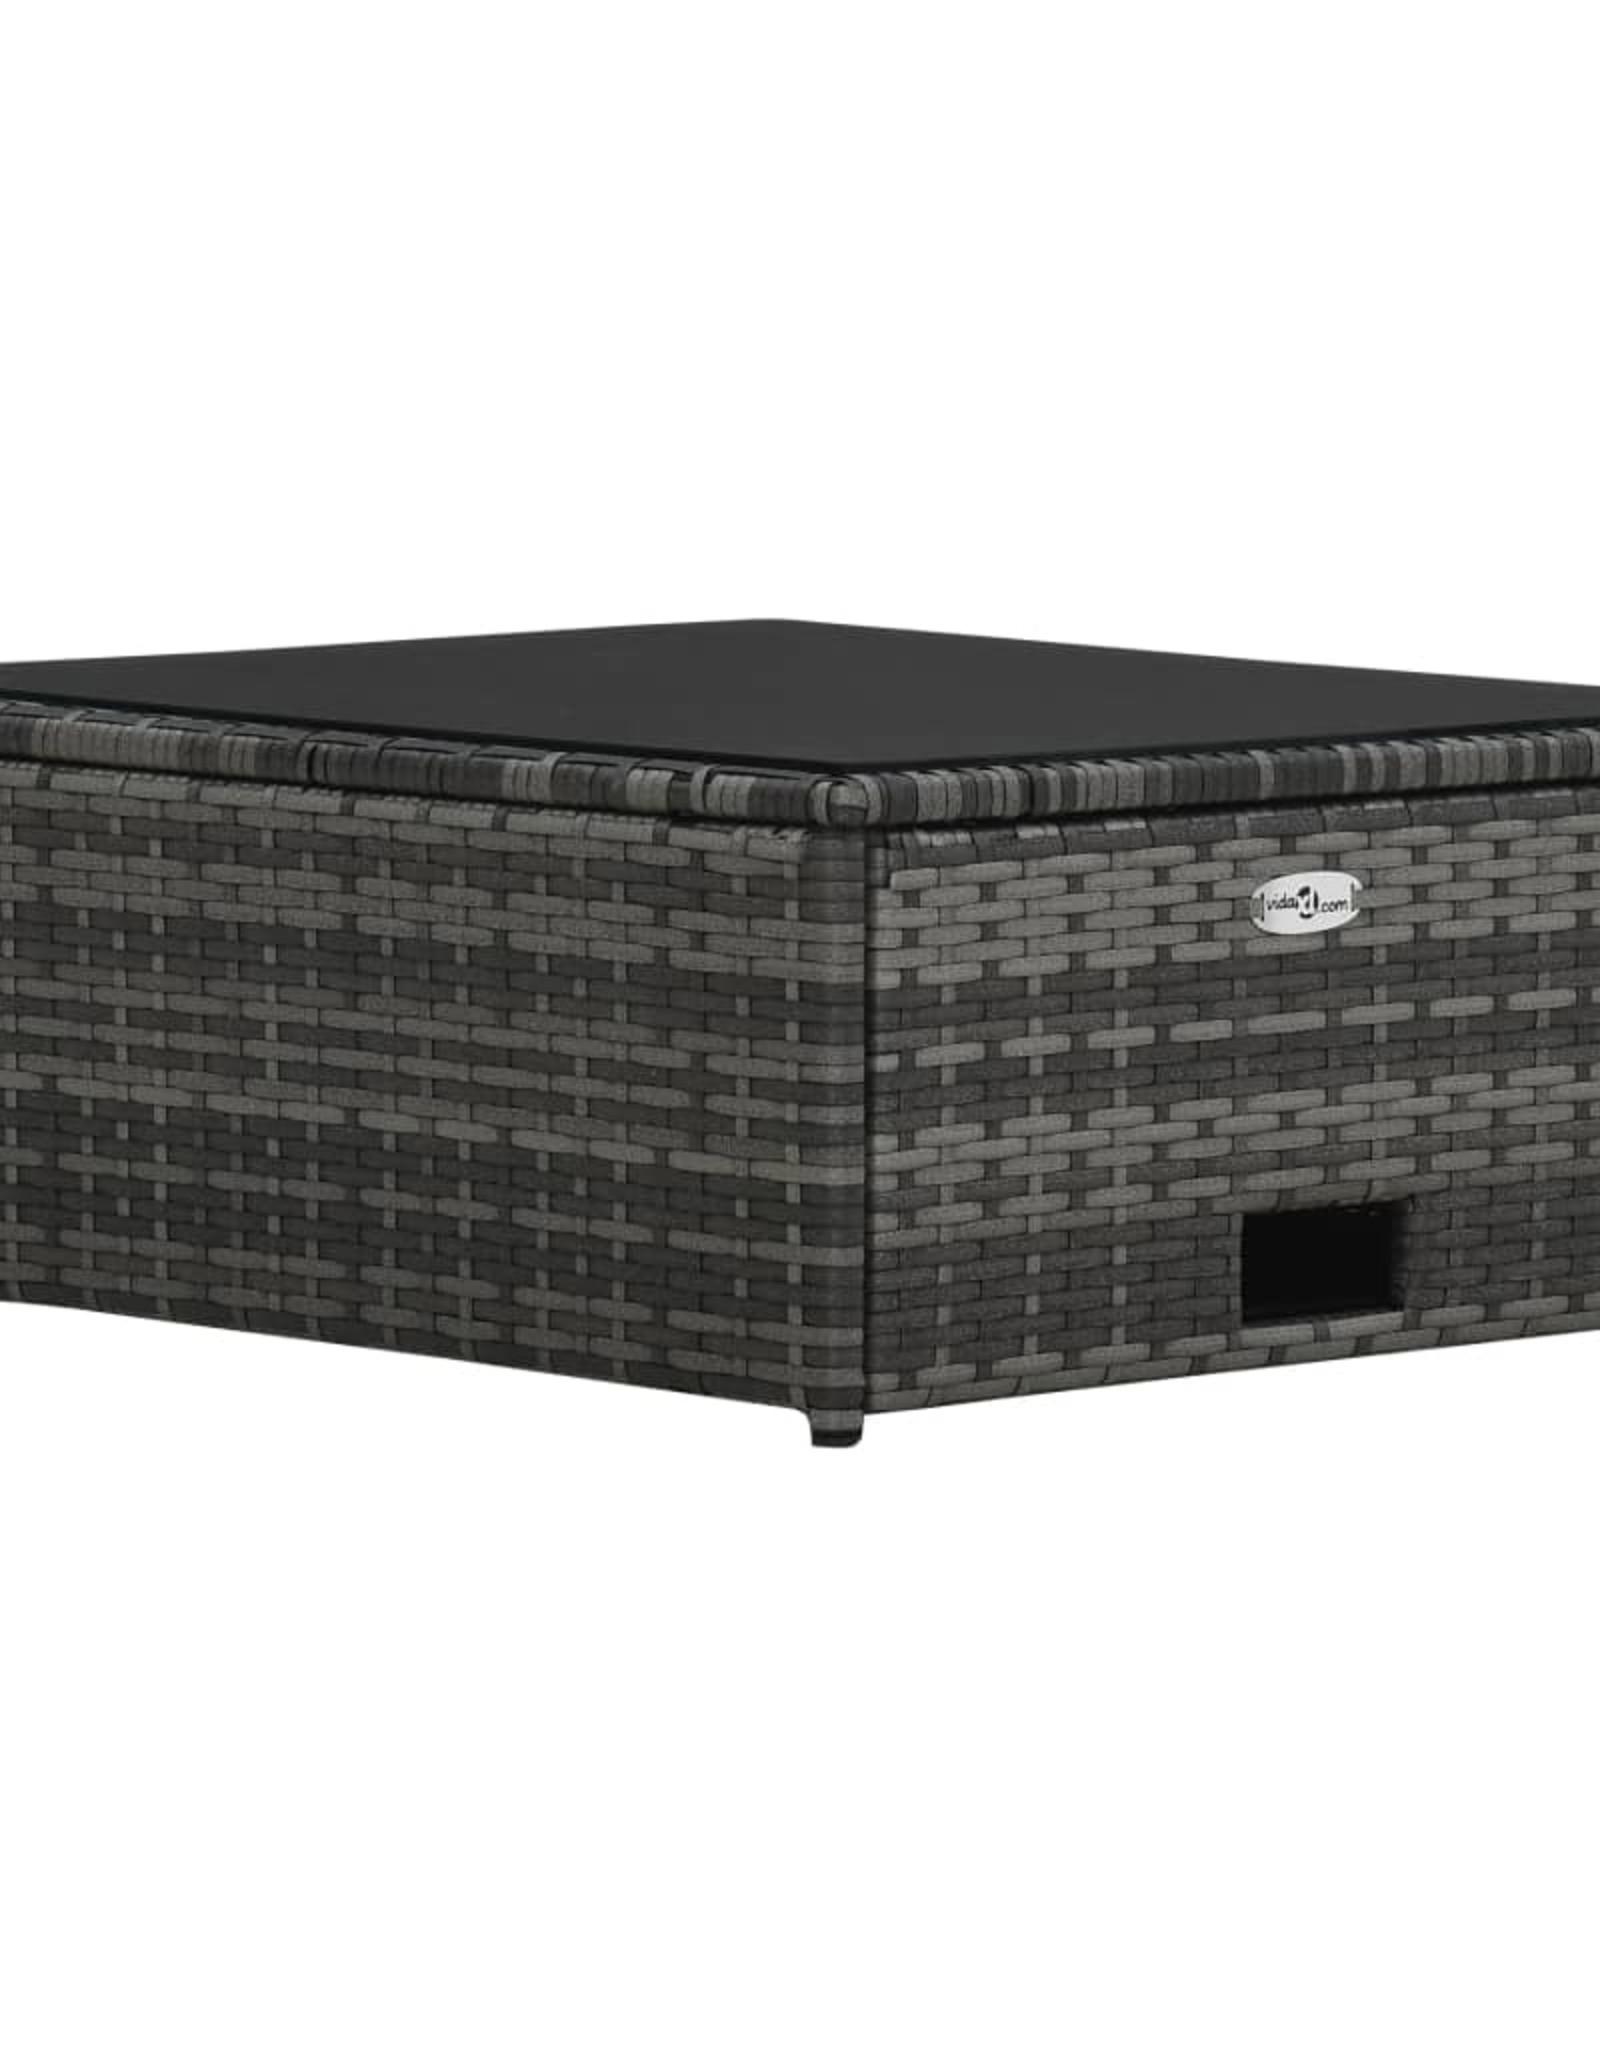 vidaXL 4-delige Loungeset met kussens poly rattan grijs